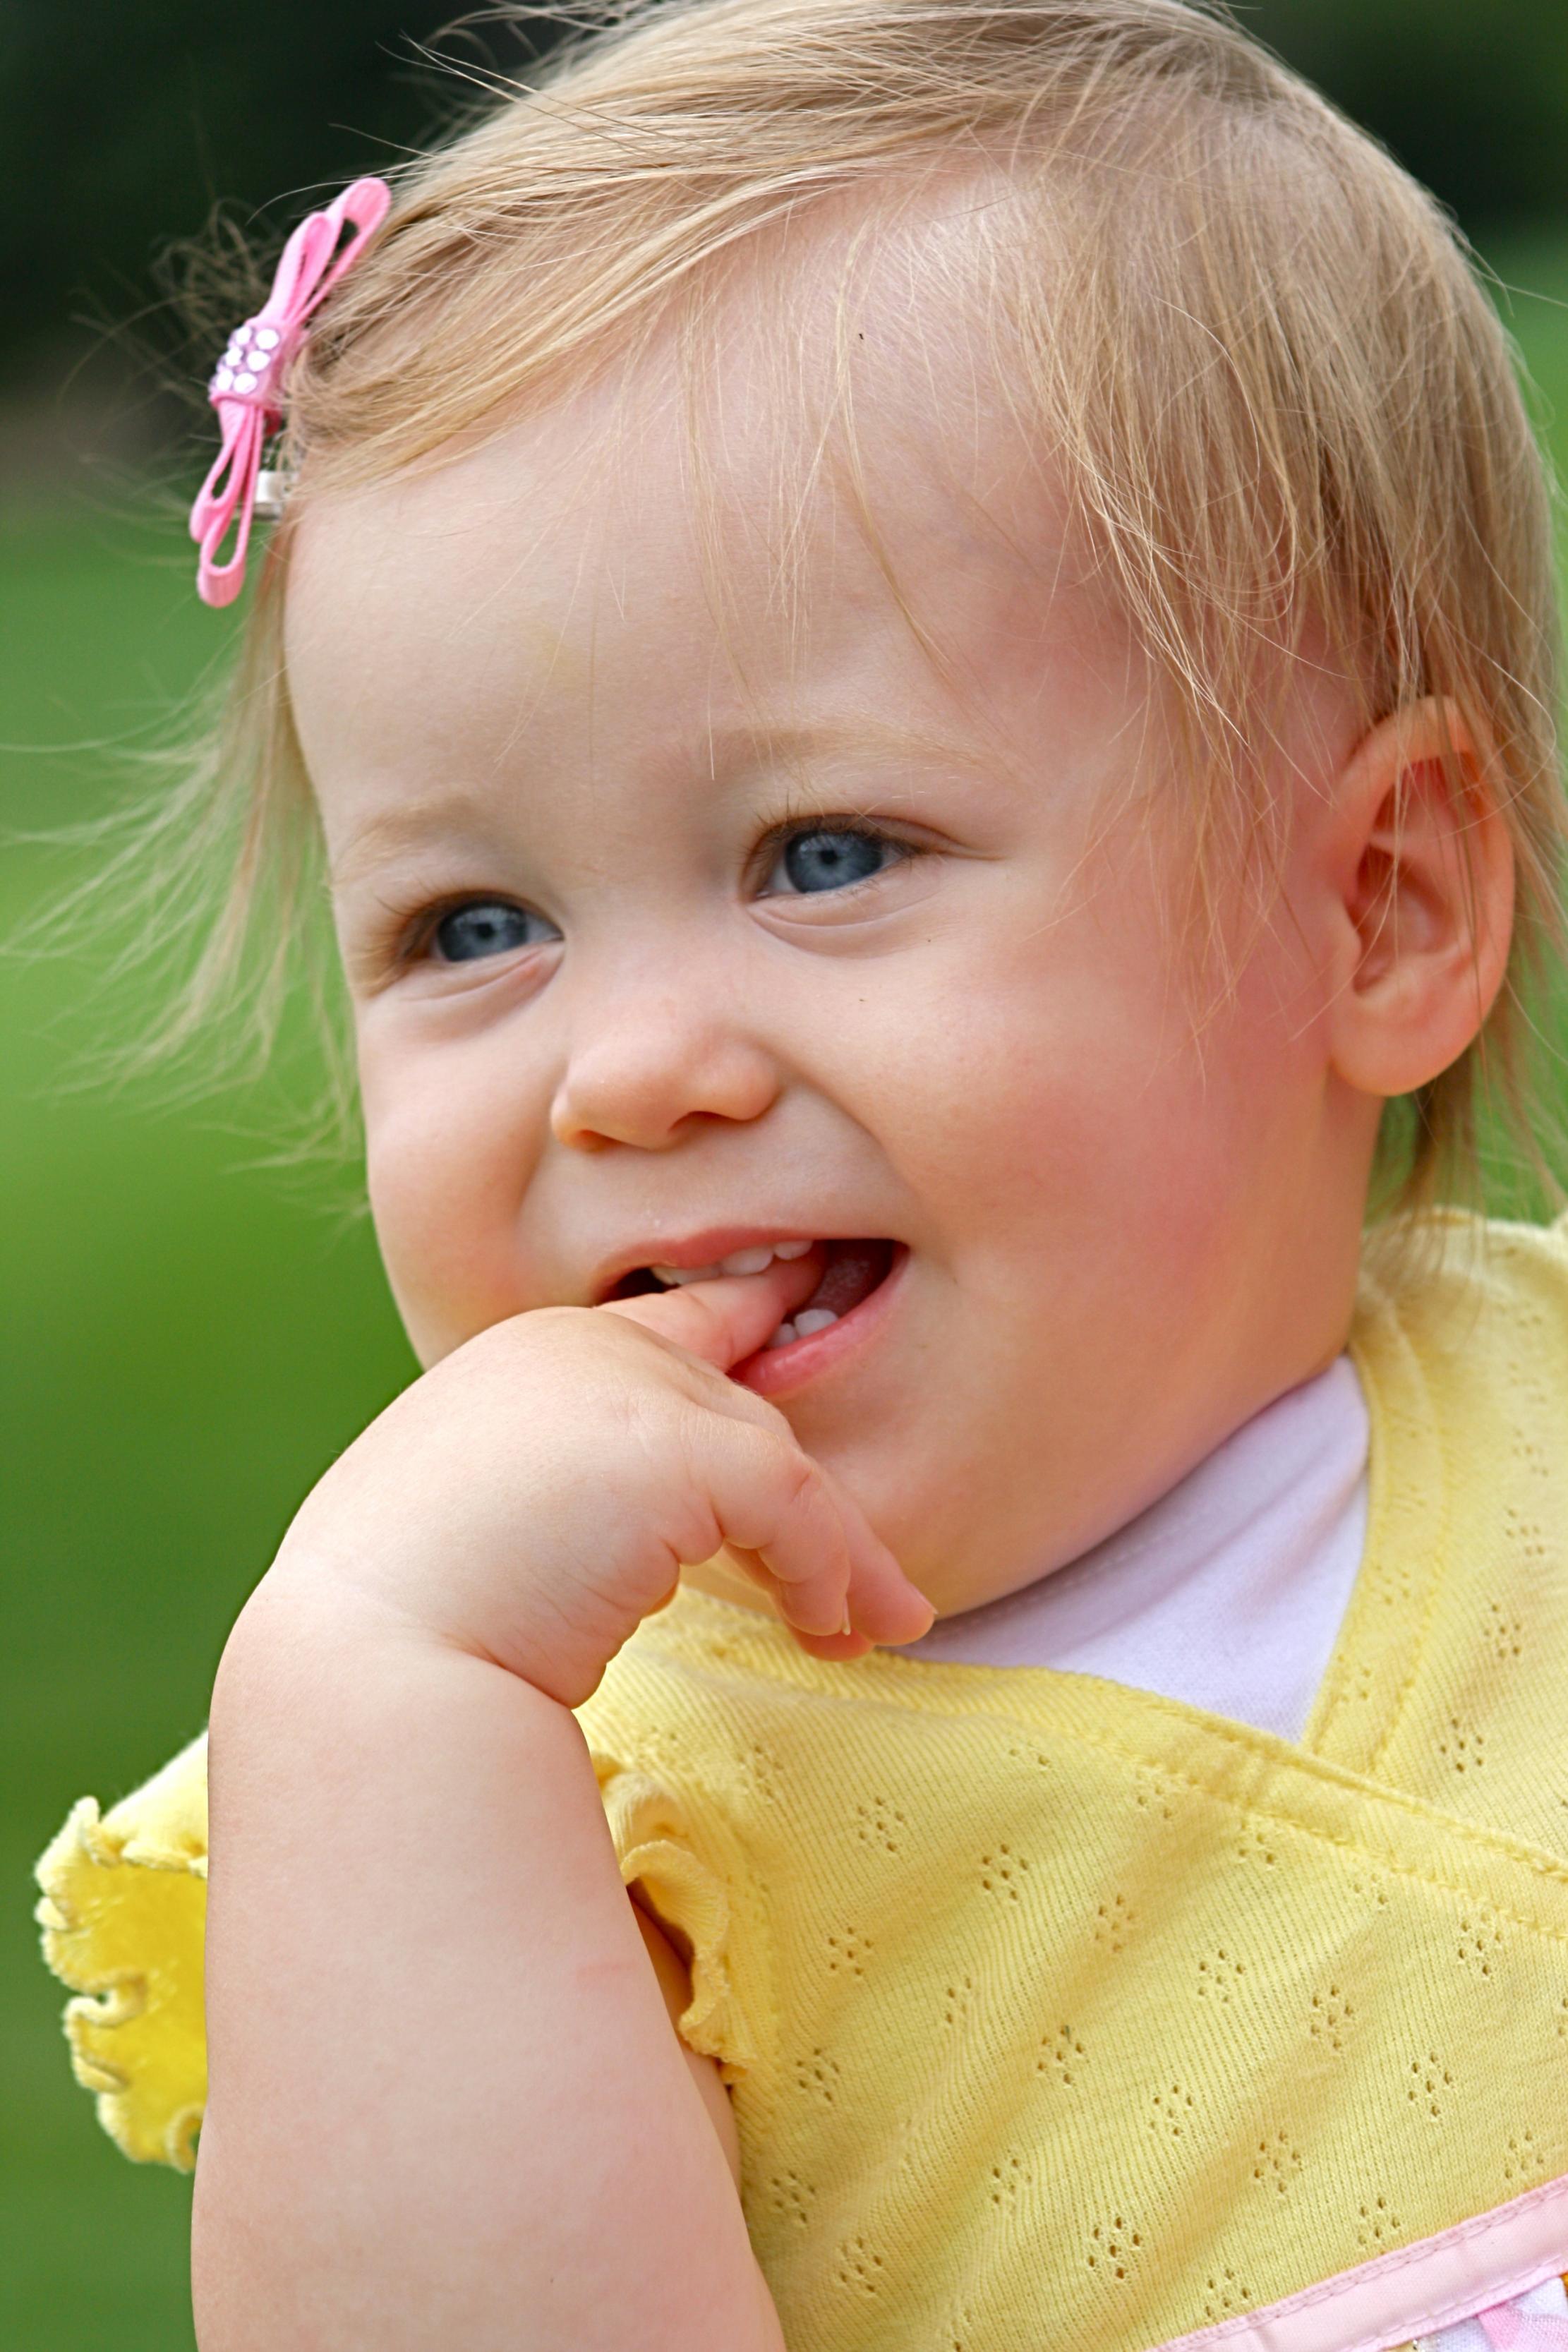 بالصور صور اطفال صغار , اية الحلاوة و الطعامة دي يا اولاد تهوس 40 8